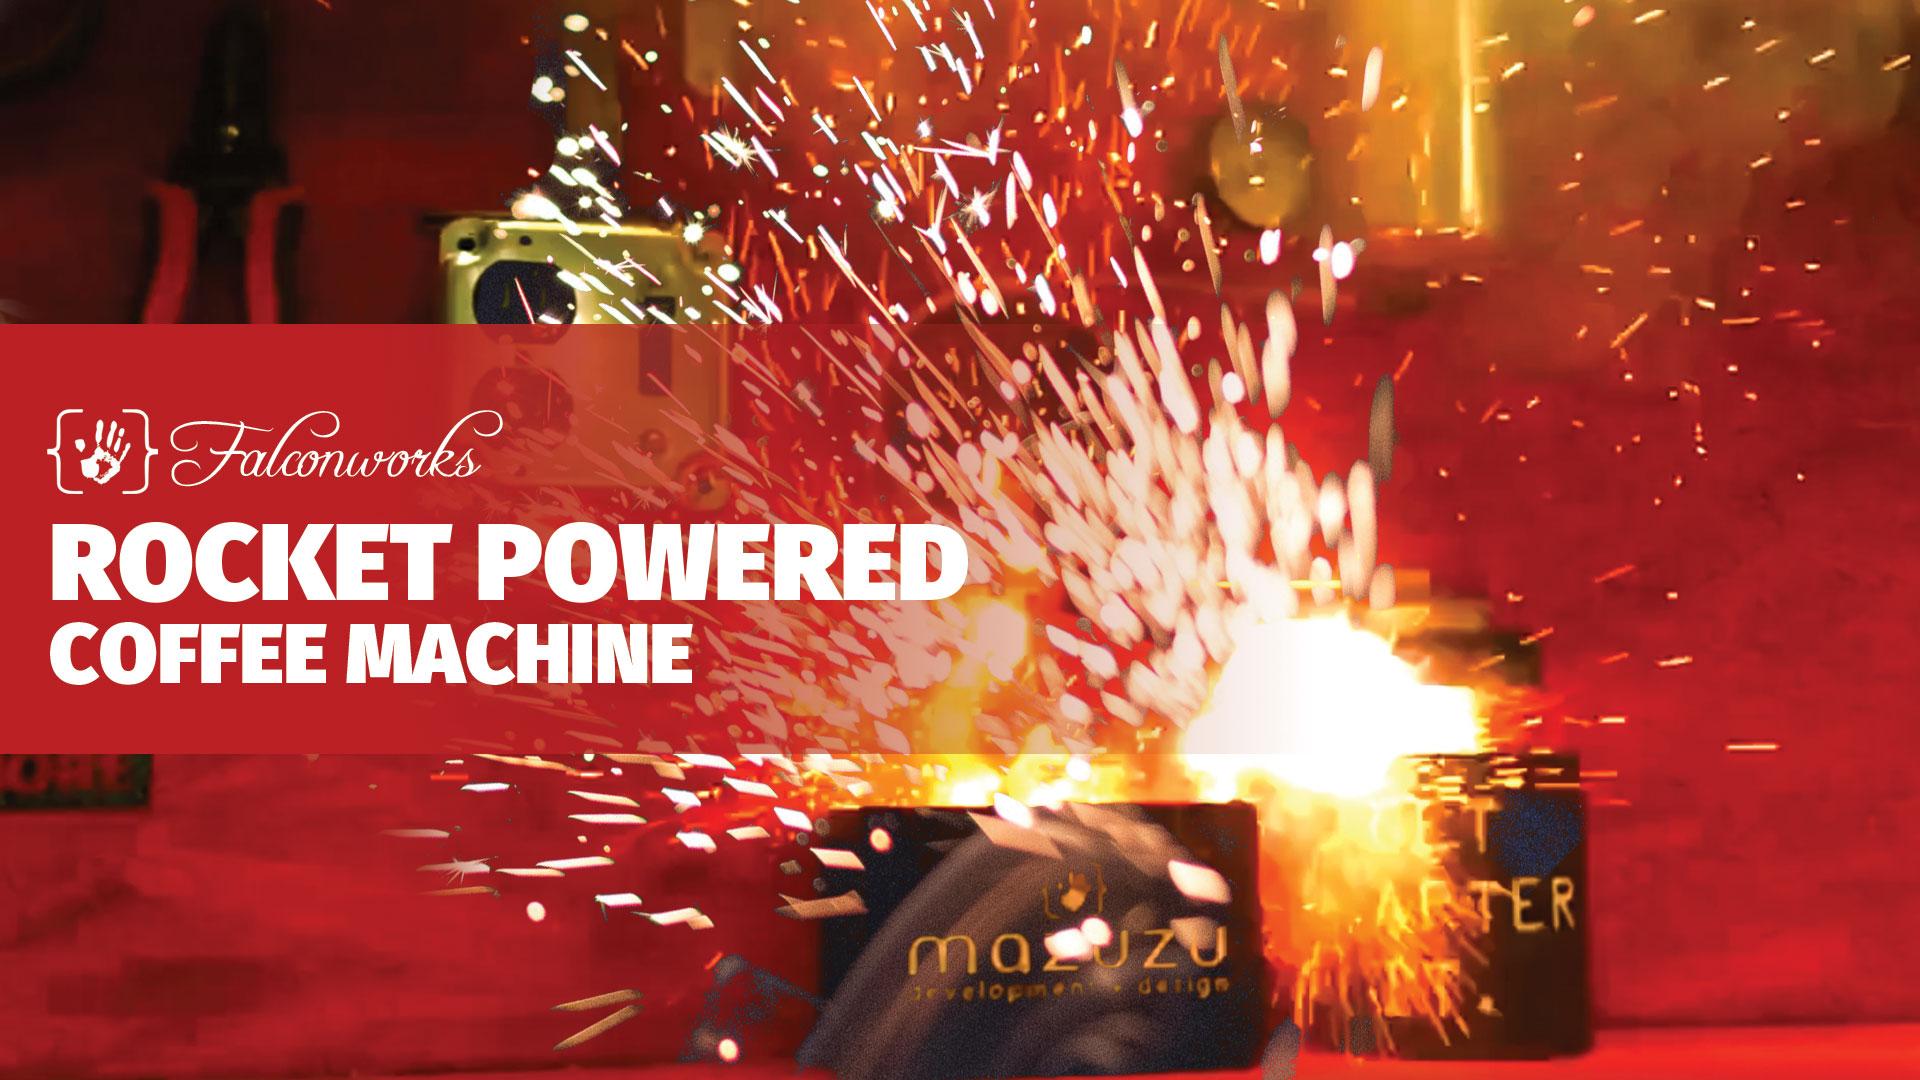 Watch Rocket Powered Coffee Machine - Mazuzu Absurd Contraptions on Youtube